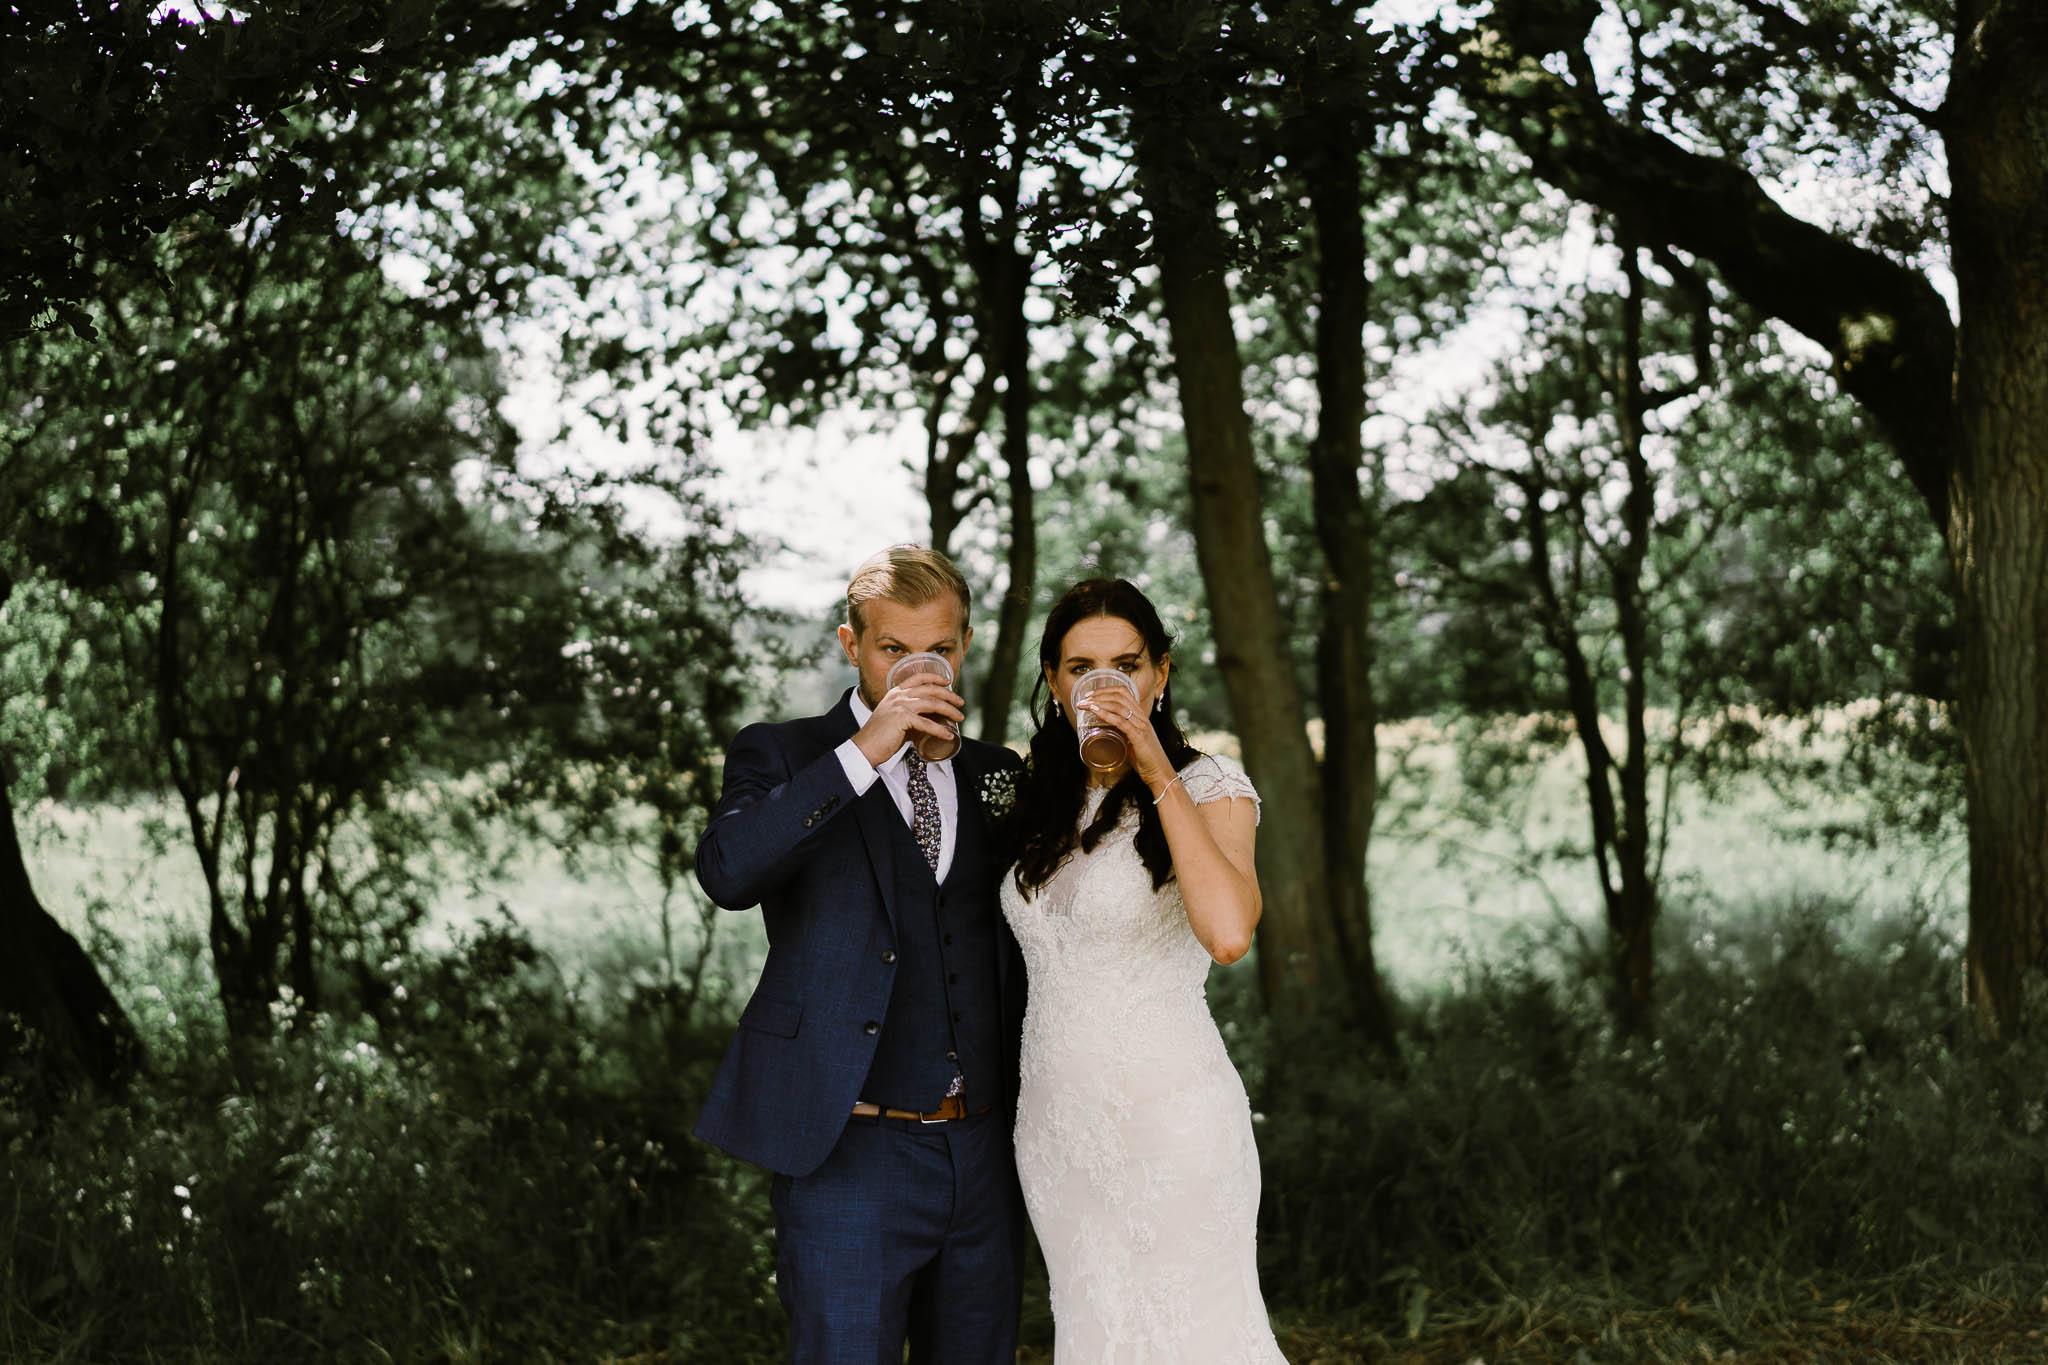 Sussex-Wedding-28.jpg